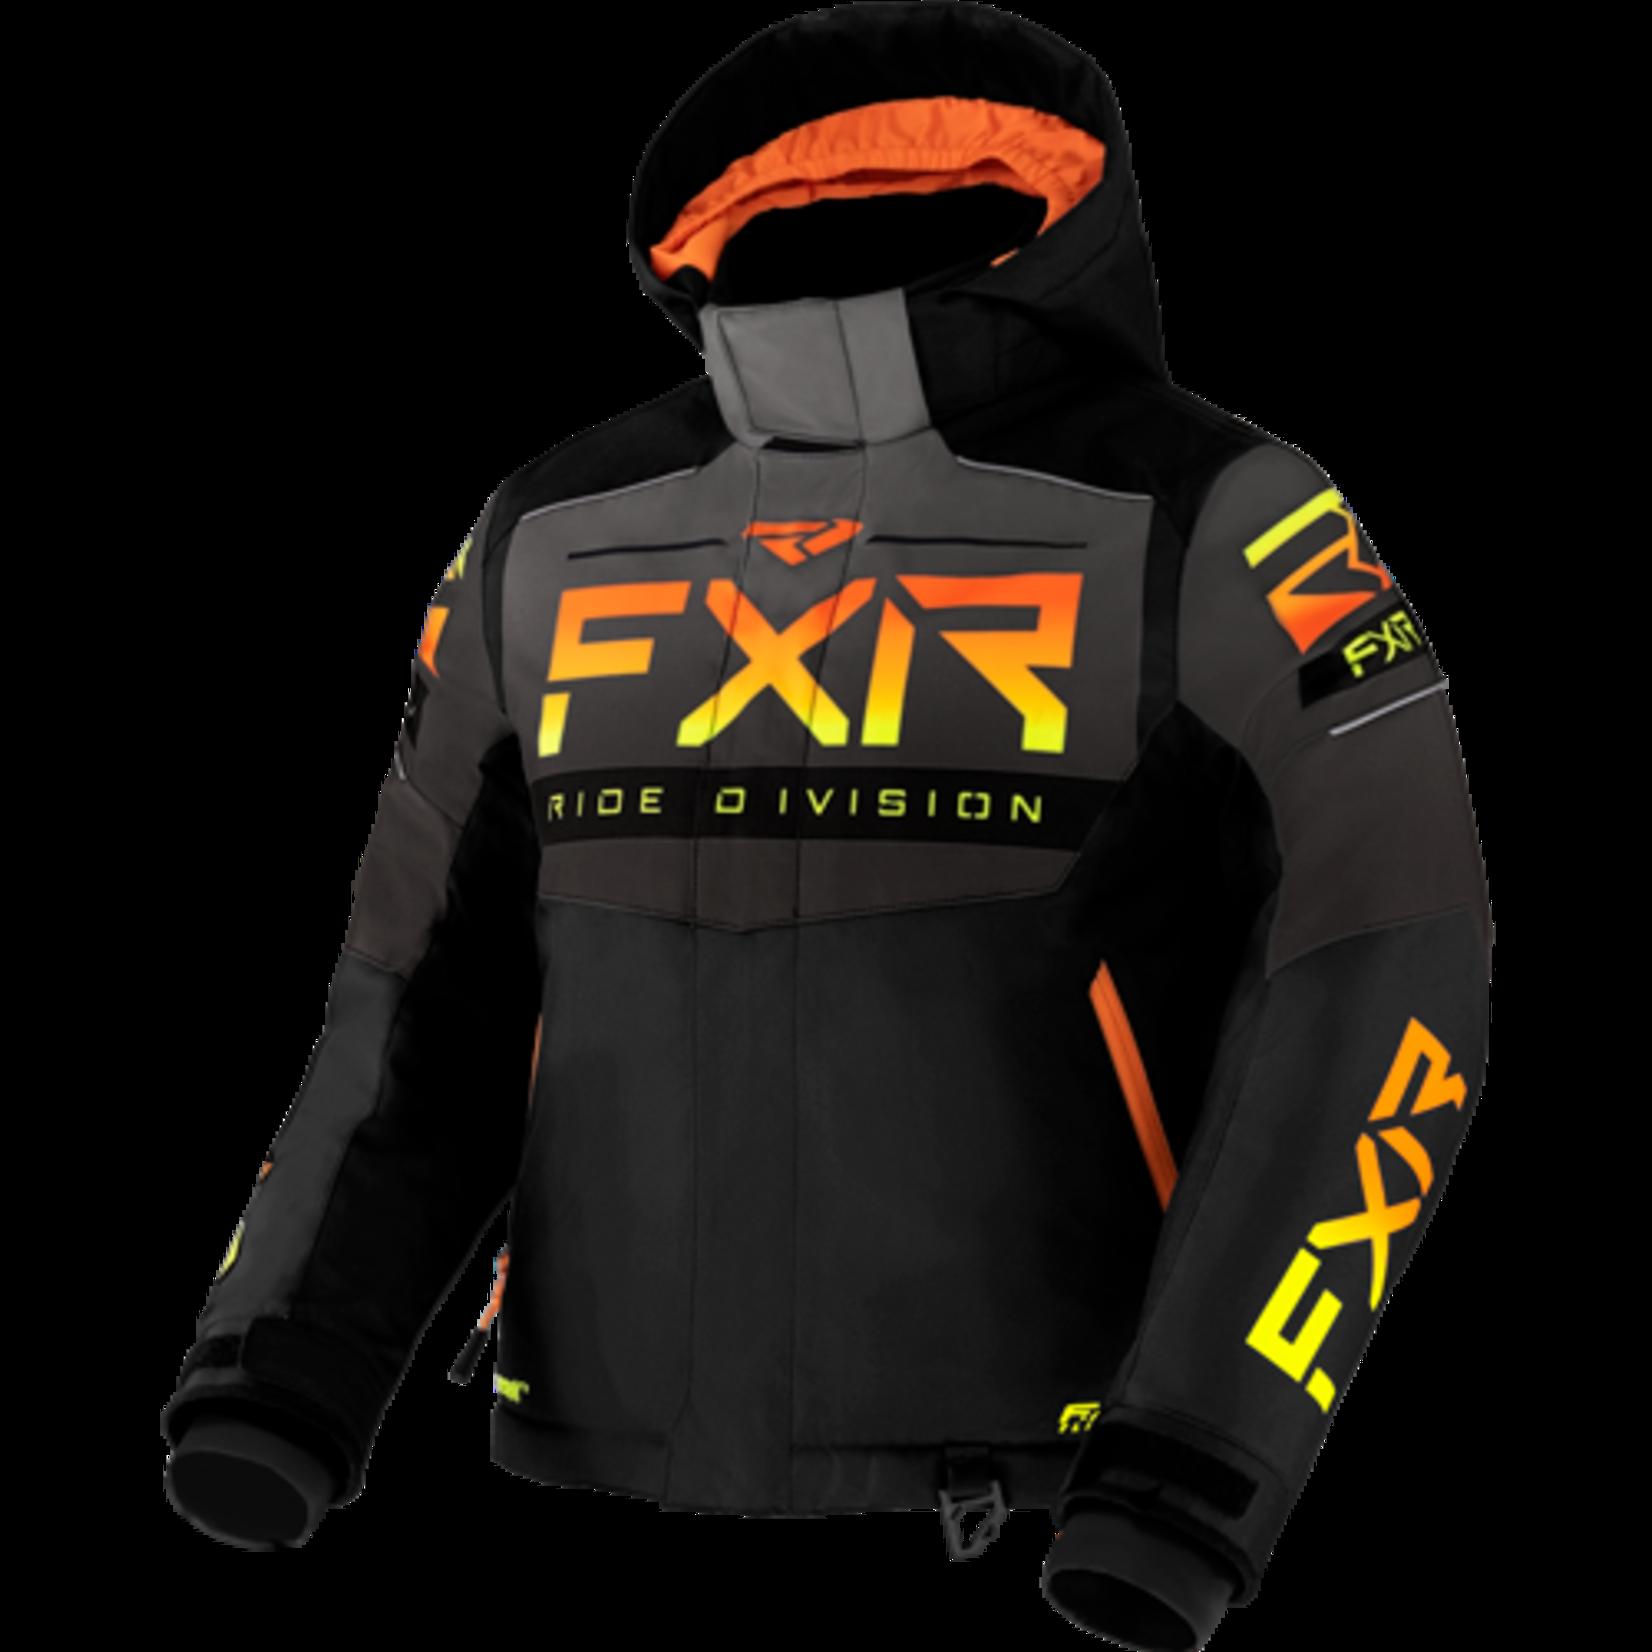 FXR FXR Winter Jacket, Helium, Child, Boys